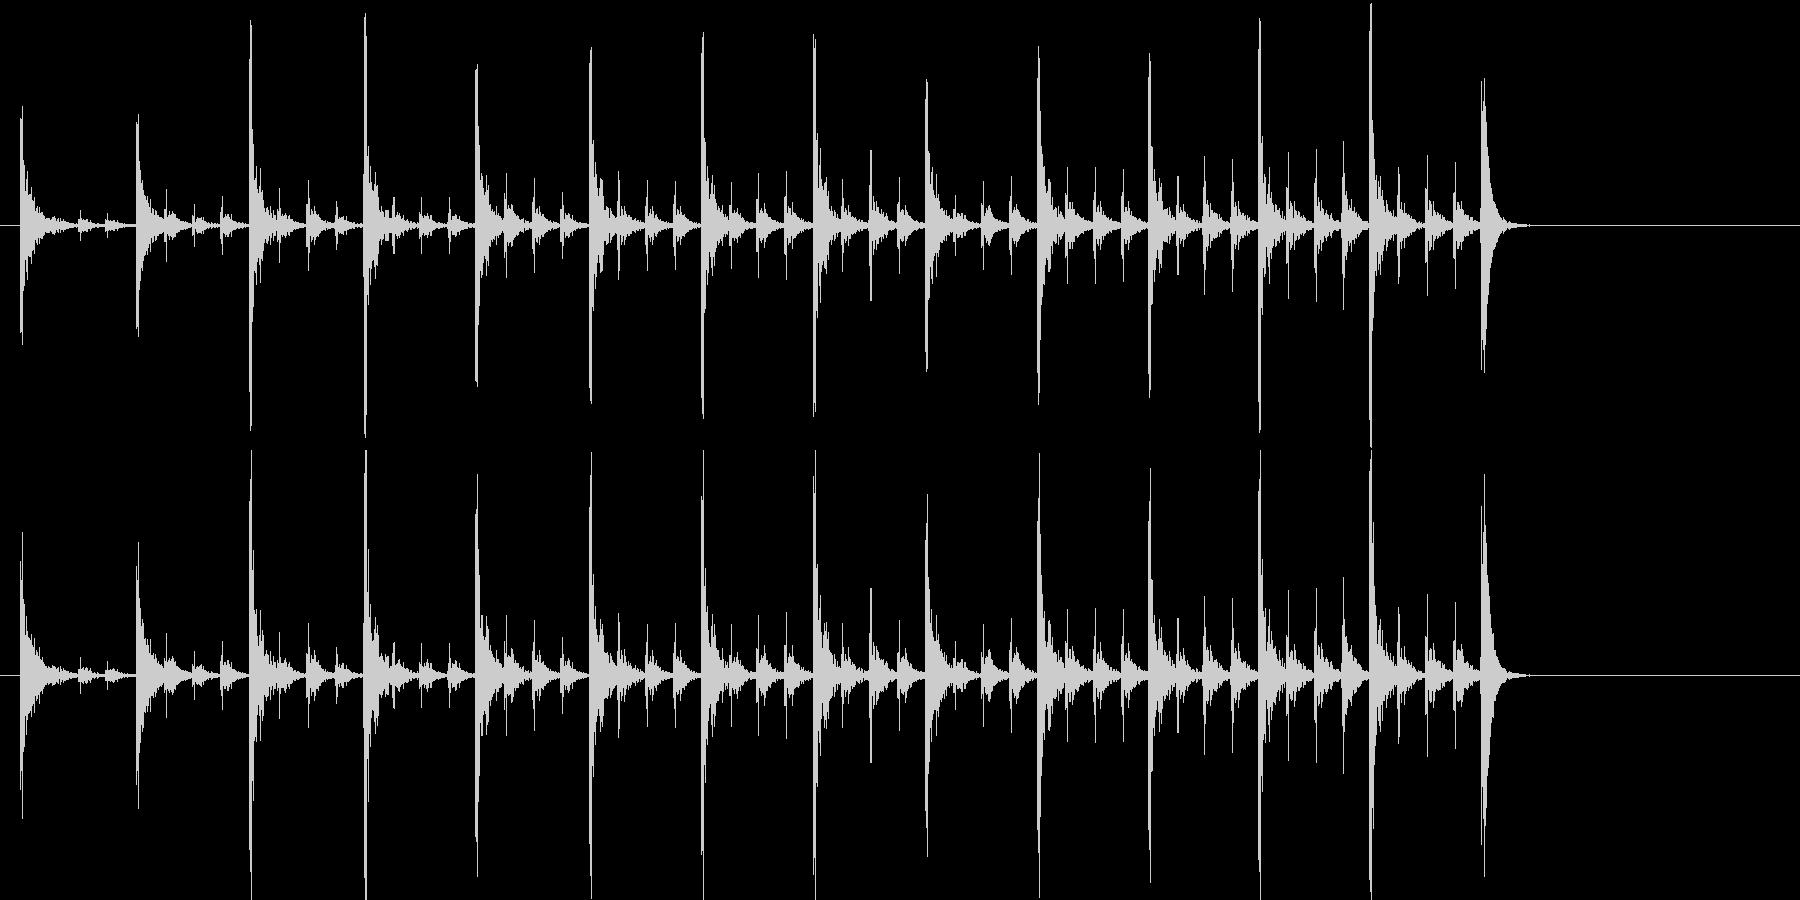 インドのドラム;クラシックなアメリ...の未再生の波形